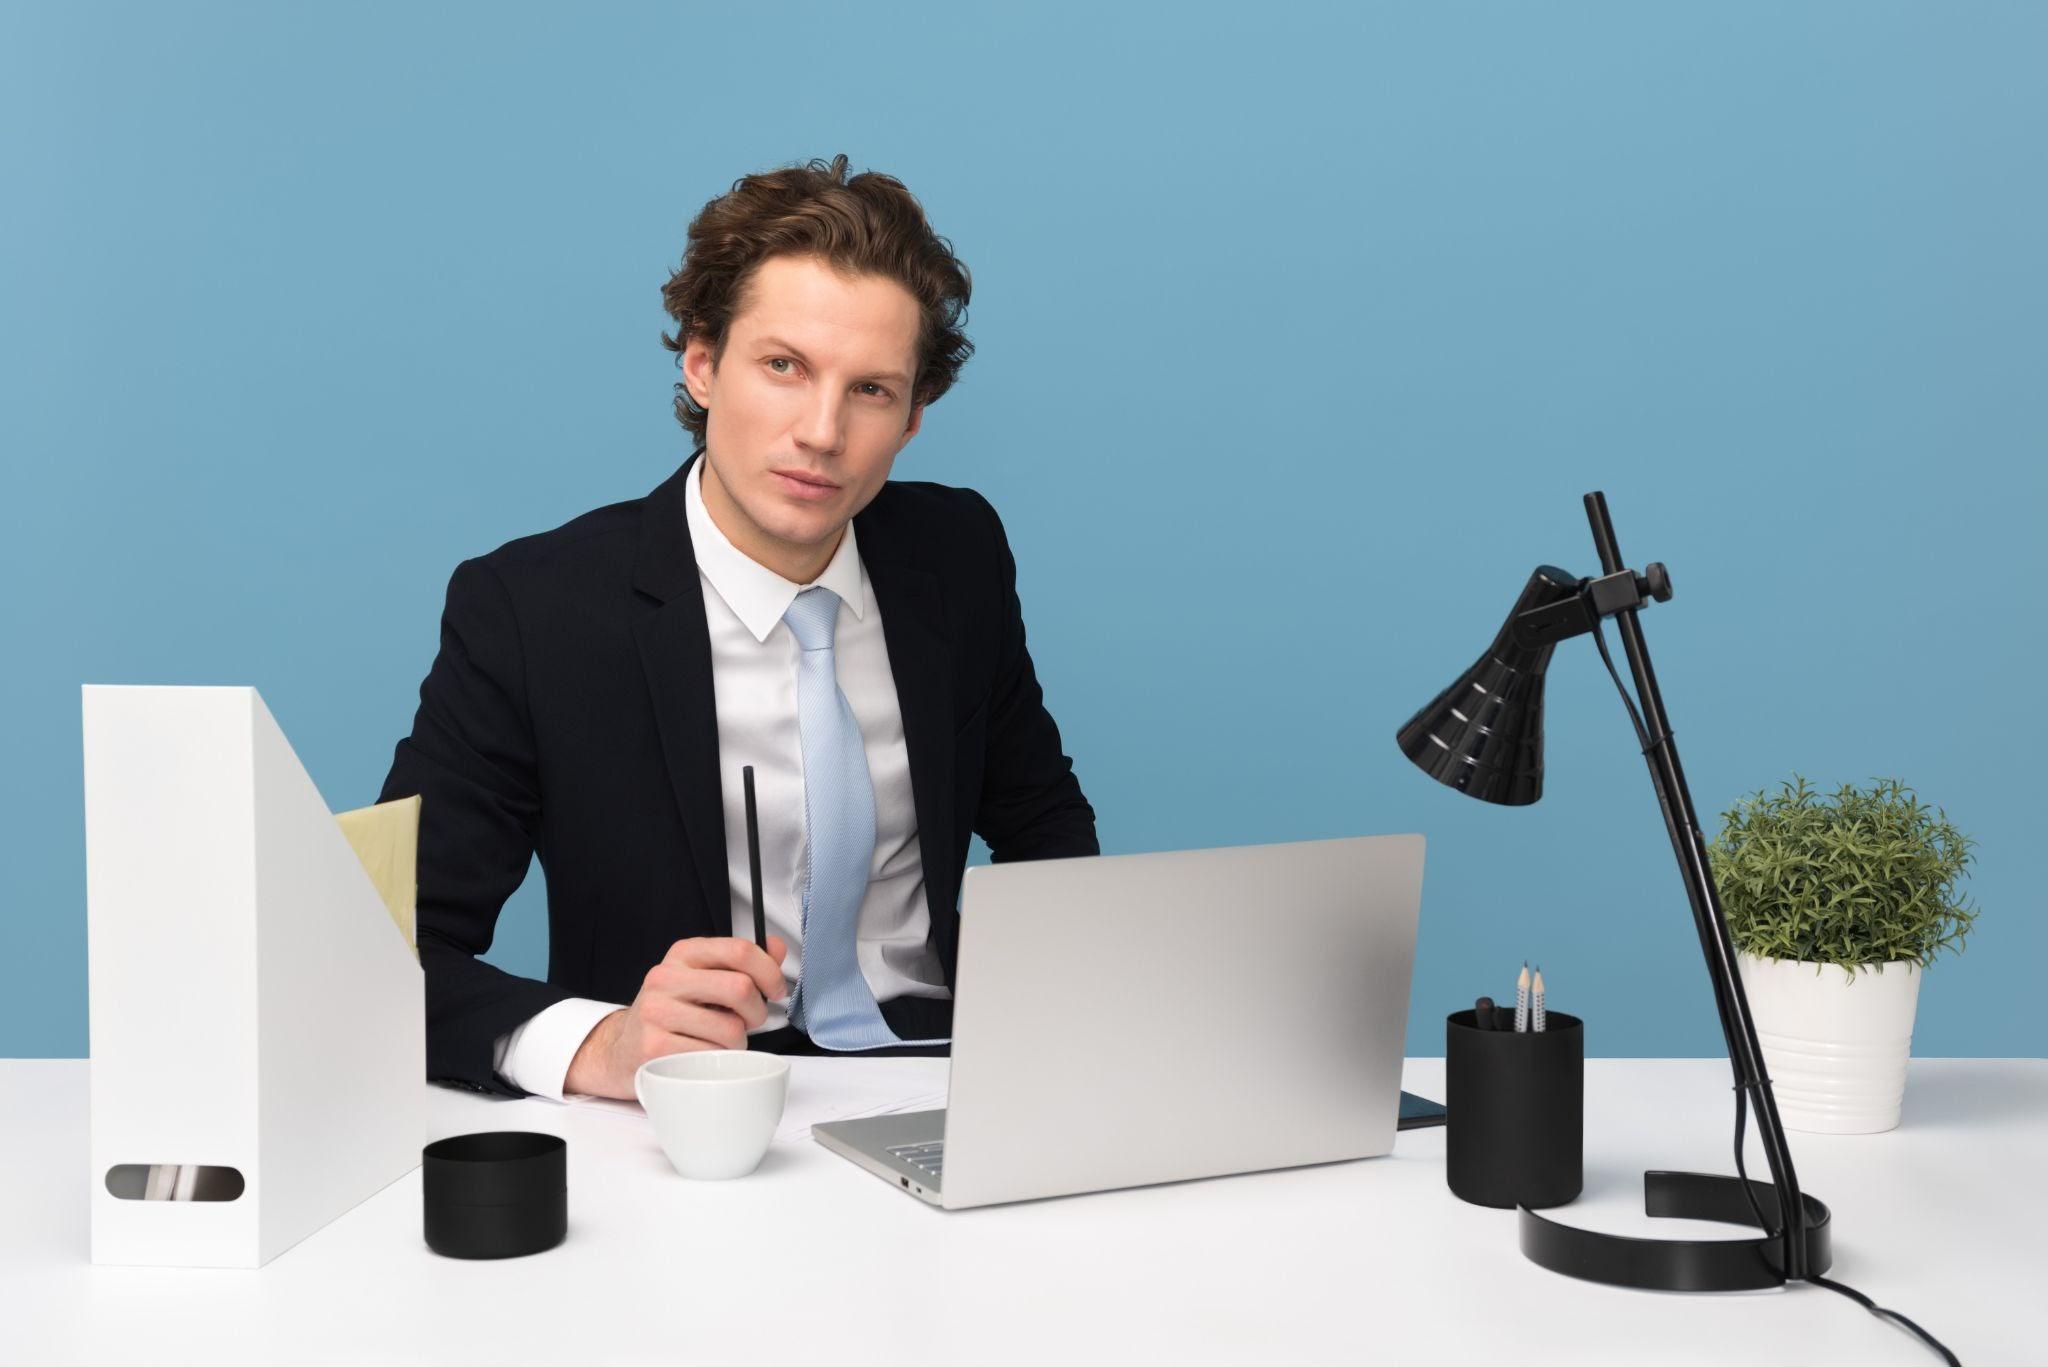 analista de gestão eletrônica de documentos